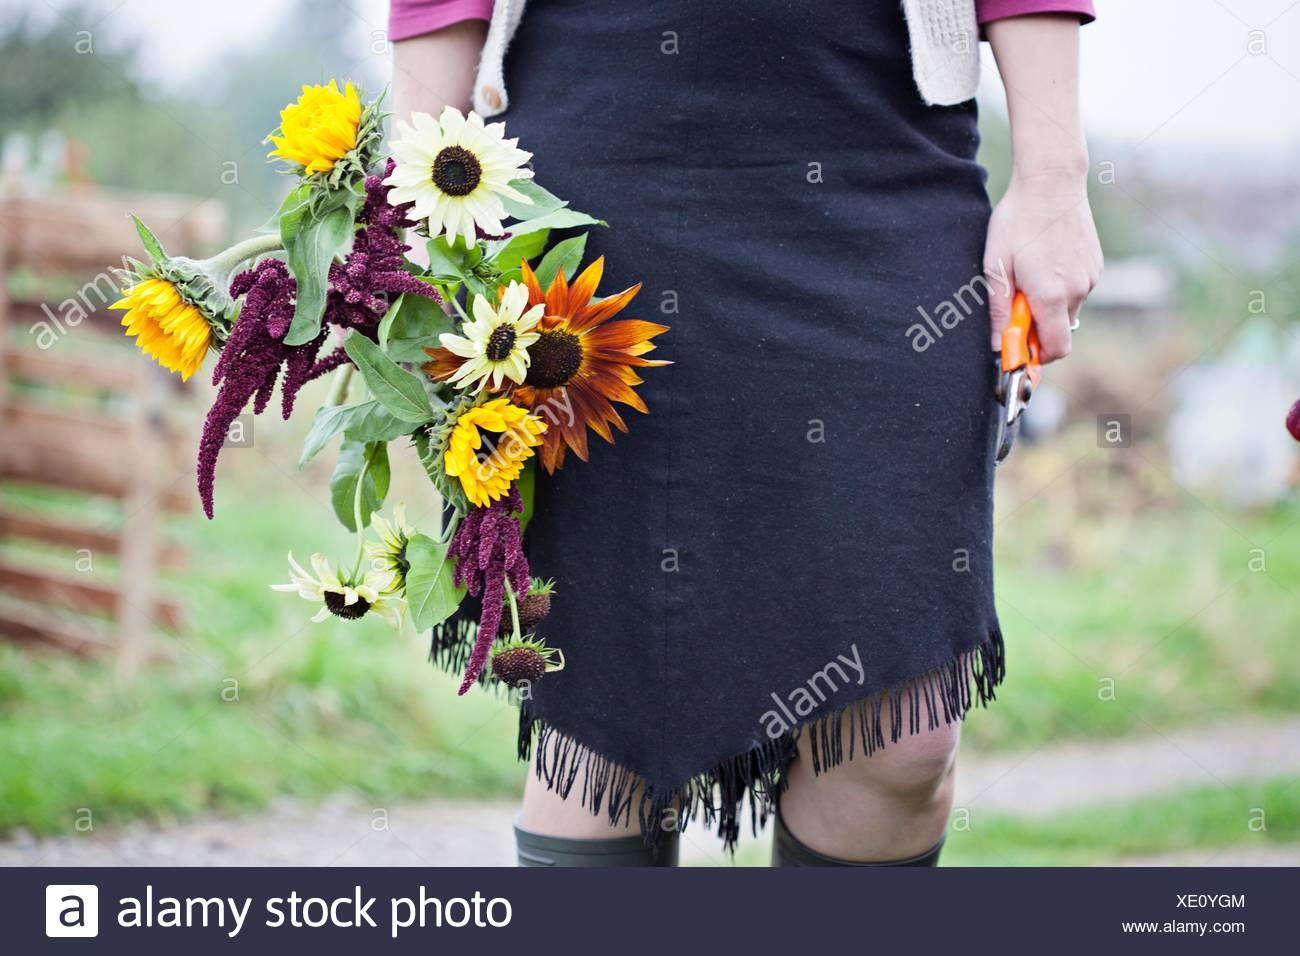 Vita scende vista della donna il taglio di fiori freschi in allotment Immagini Stock